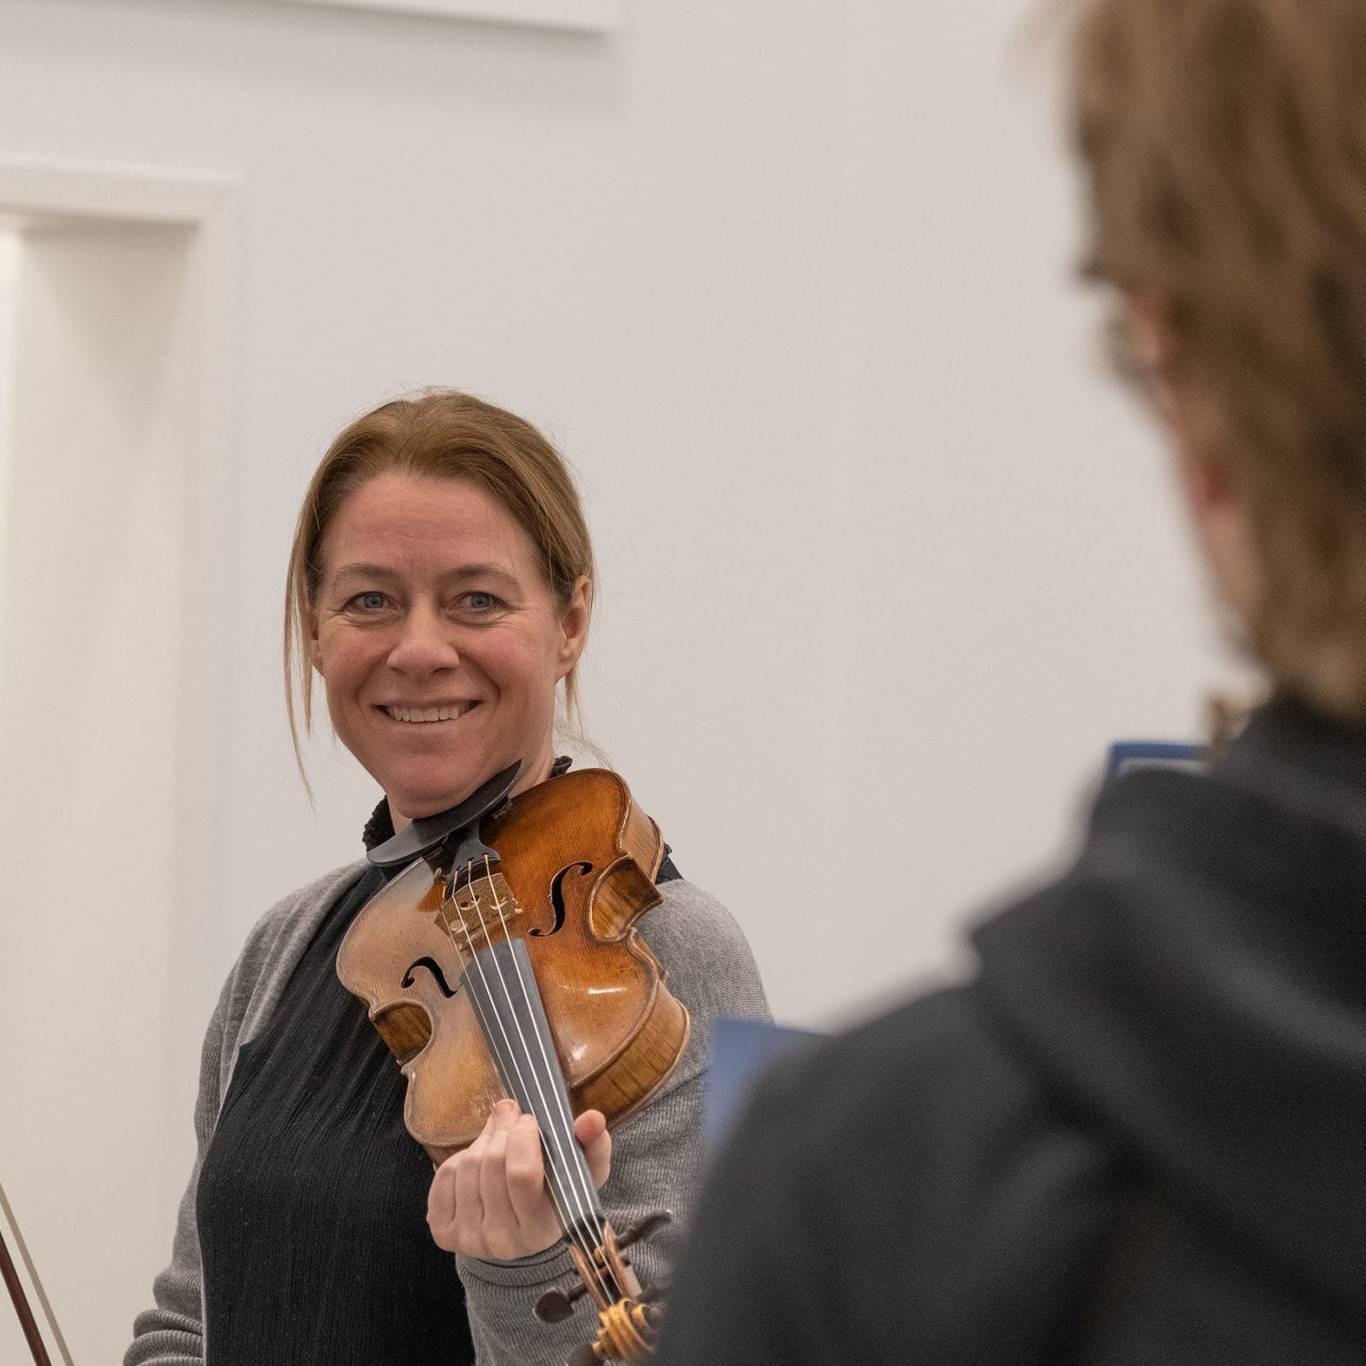 Vinterfestspills Bjørn Nessjø er både stolt og glad for at Berit Værnes Cardas tar på seg utfordringen med å sy sammen årets forestilling til Storveis Underveis. Foto: Trine Lysholm Hagan.